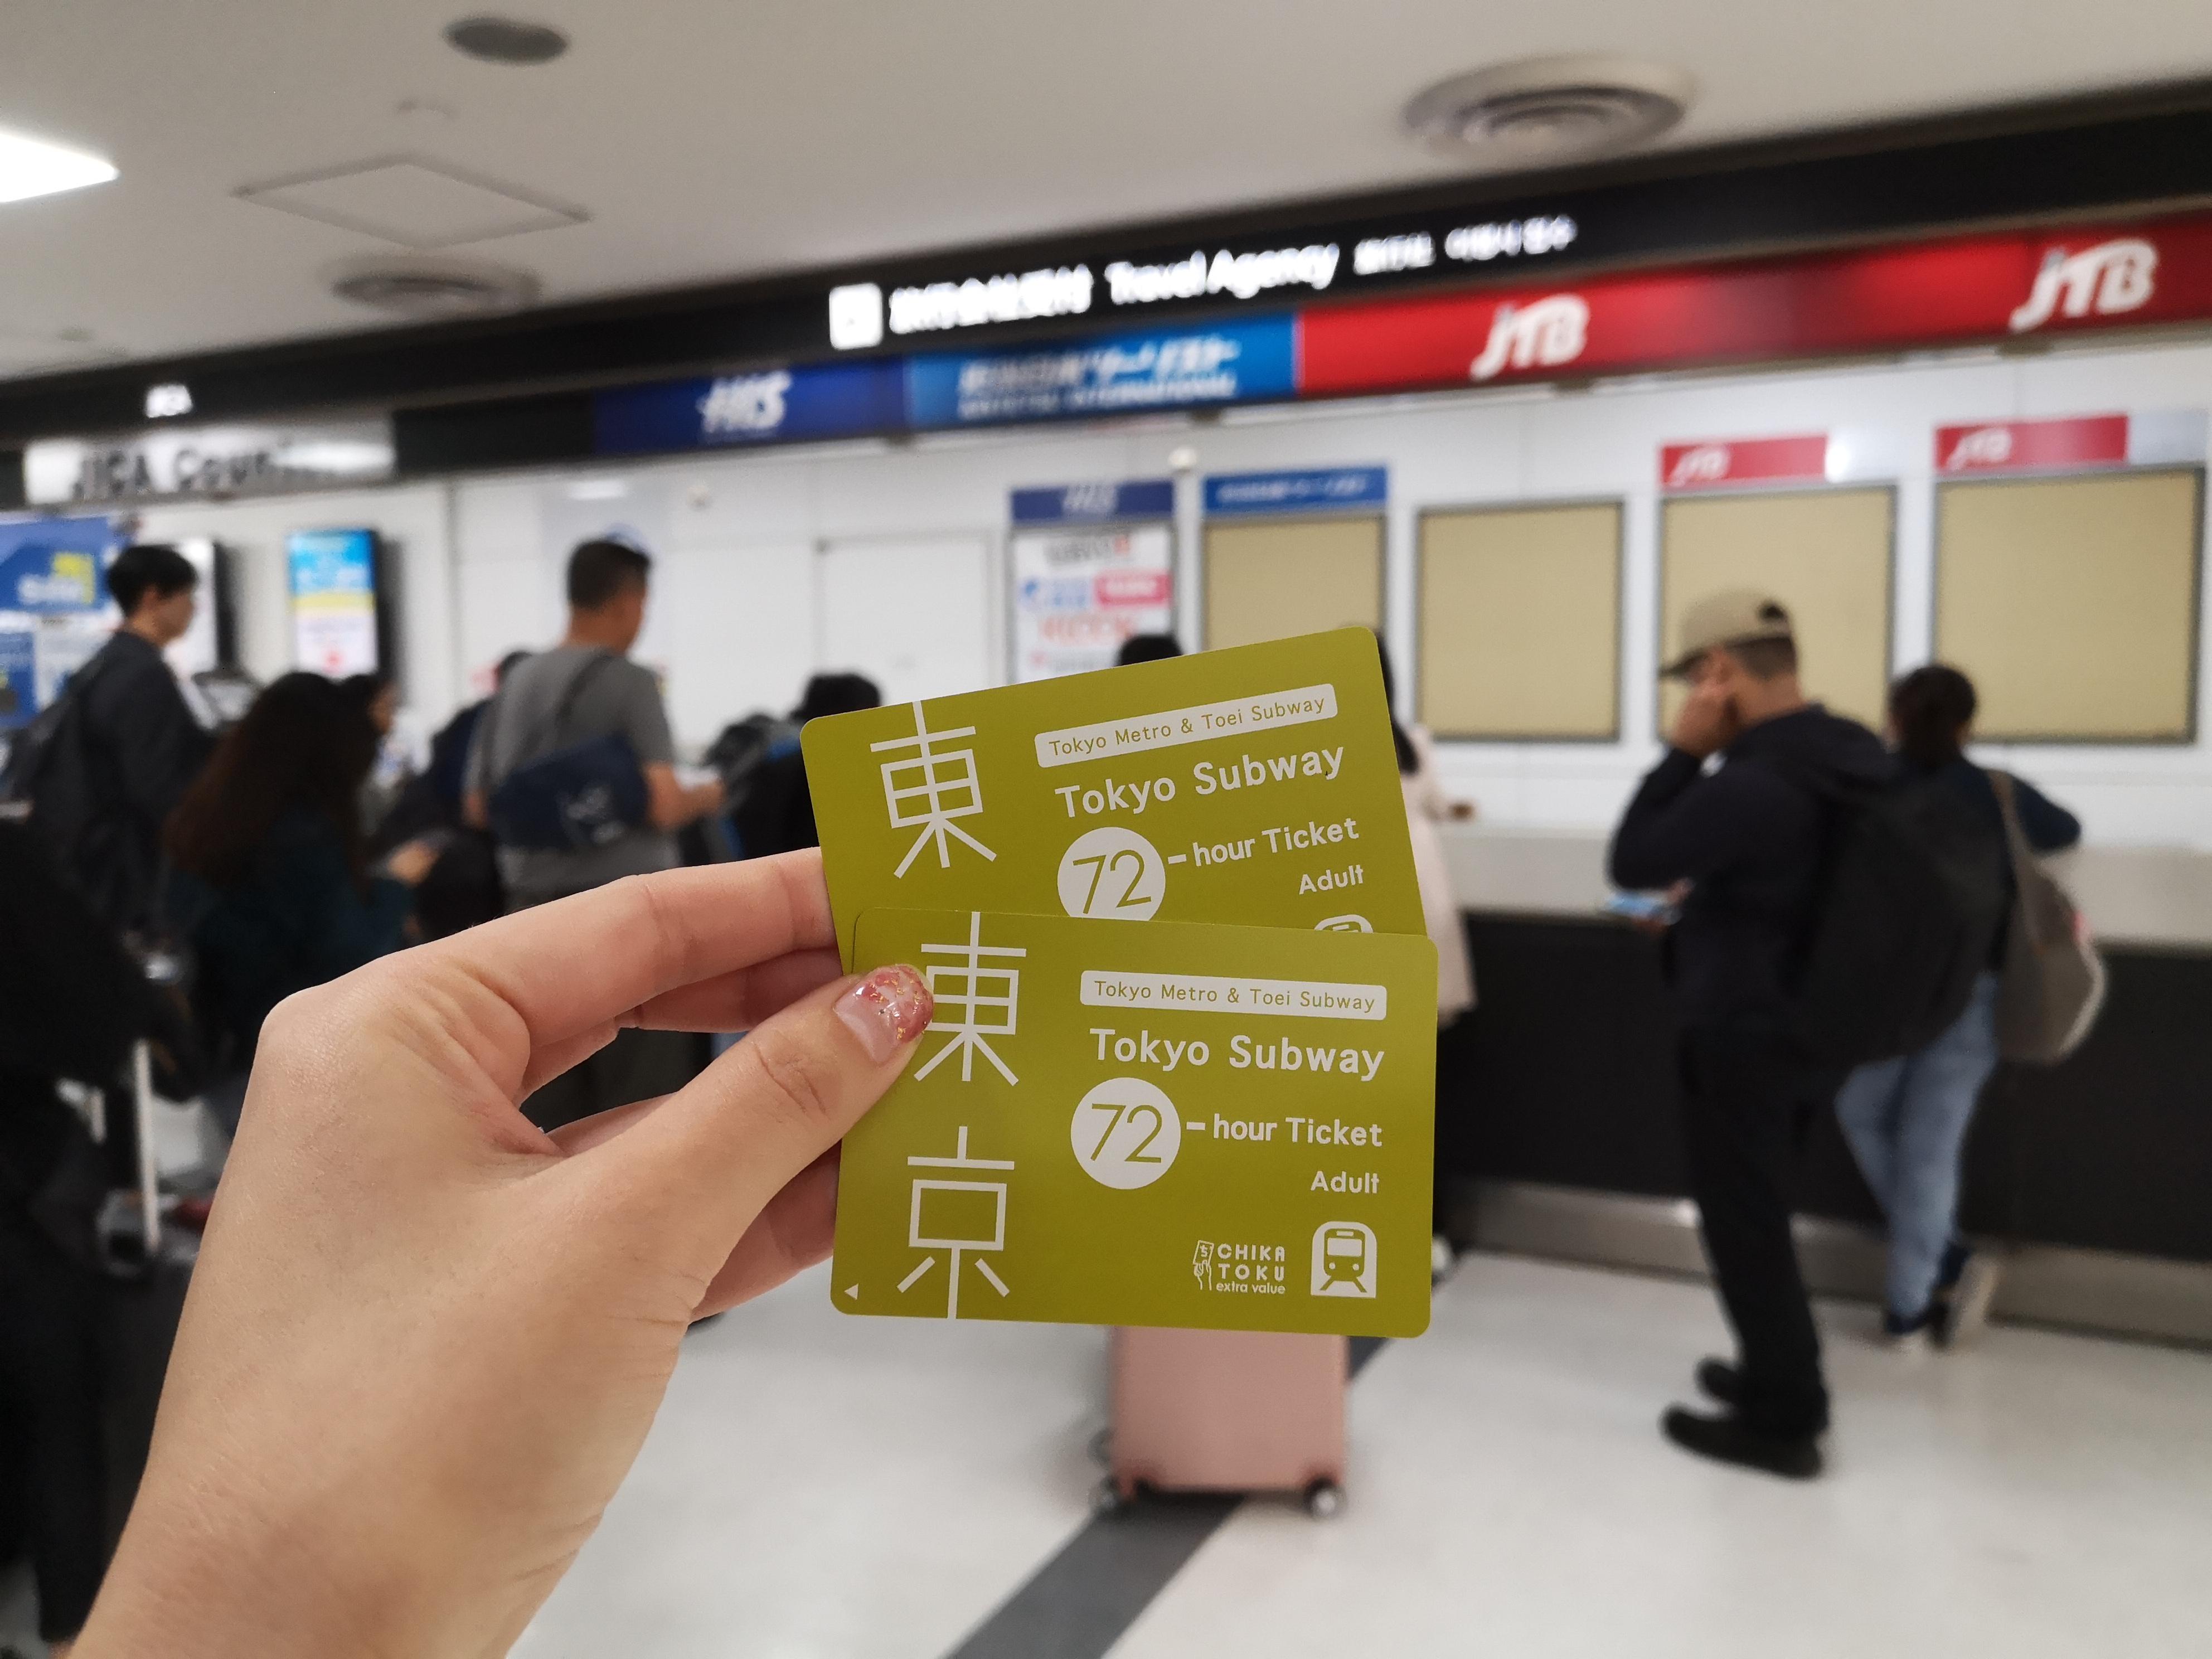 【東京景點懶人包】超過30個東京必去景點遊記,2020行程安排靠它! @小環妞 幸福足跡